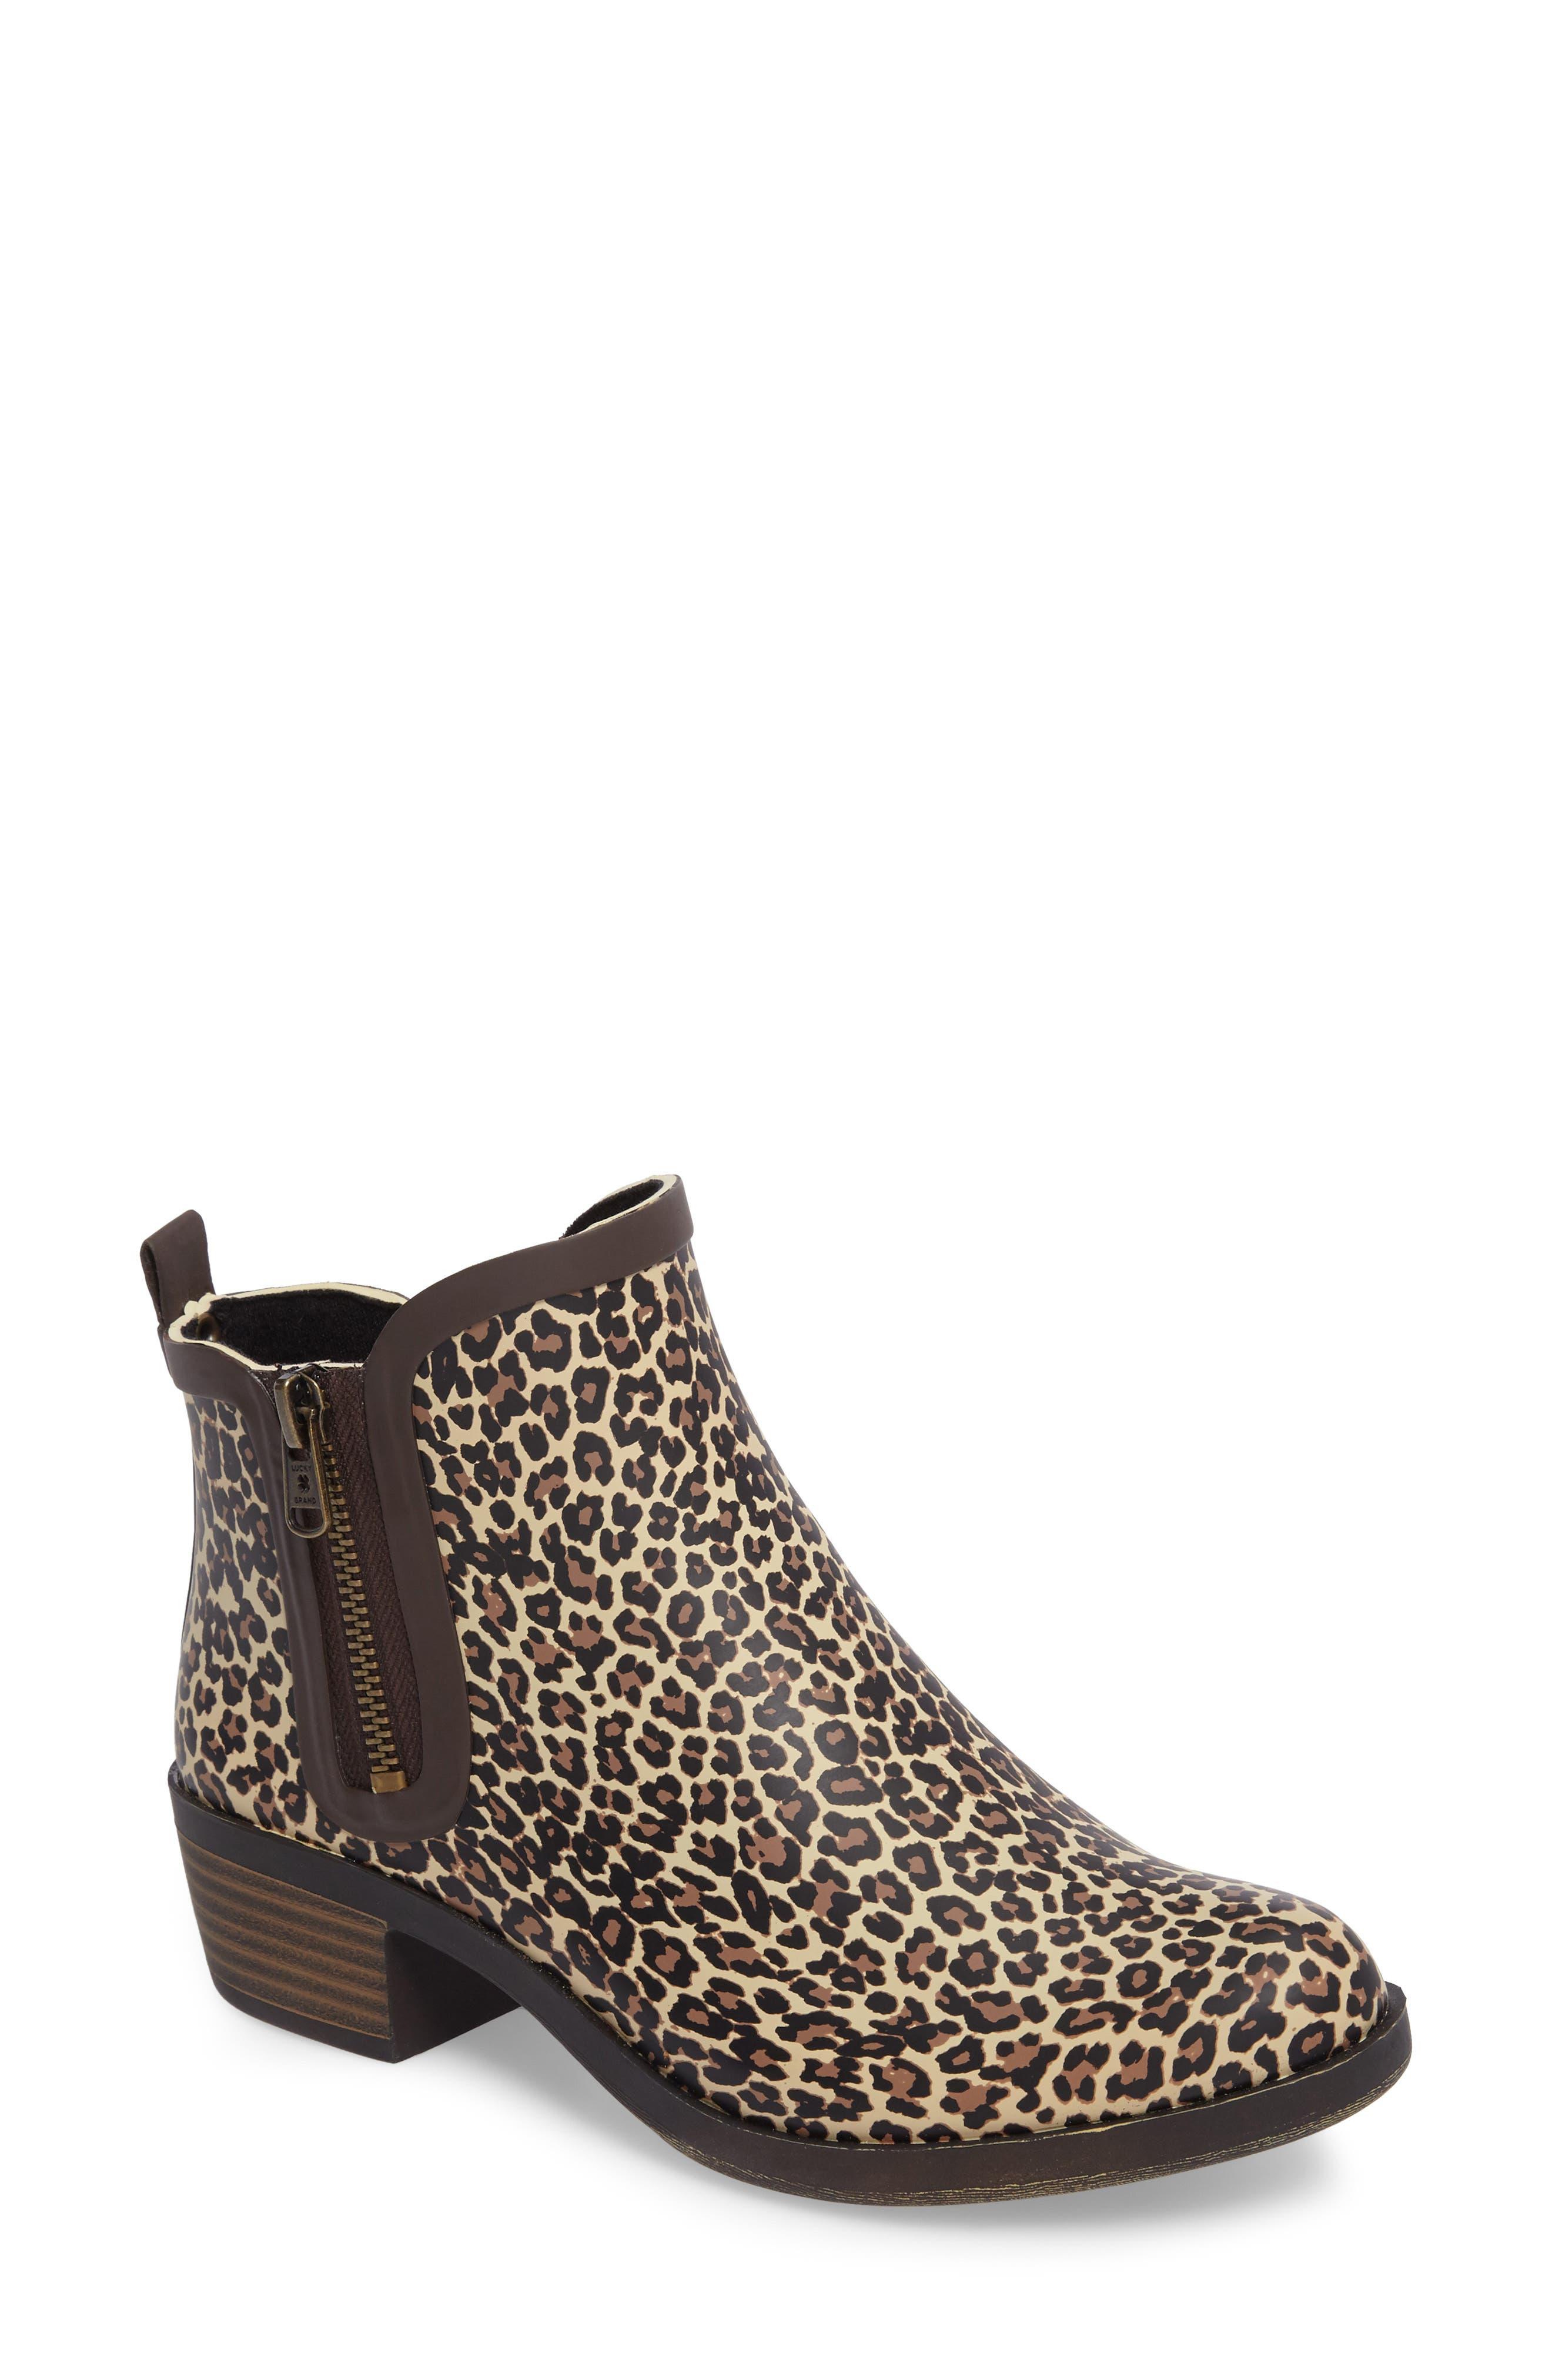 Main Image - Lucky Brand Baselrain Rain Boot (Women)